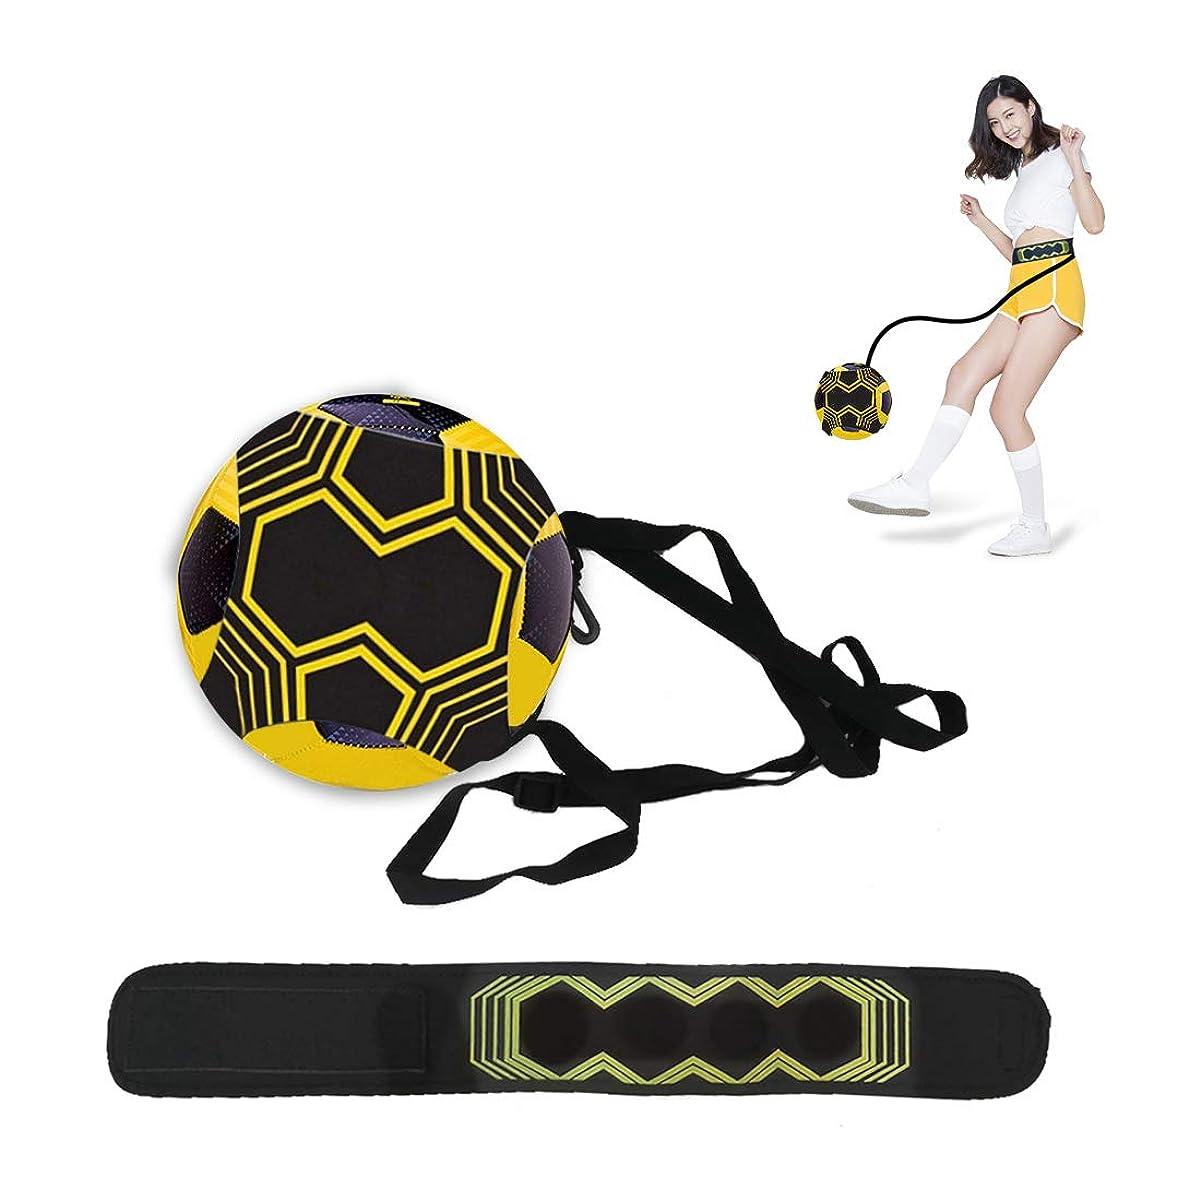 心のこもった芽皮N NEWKOIN サッカー トレーナー 練習キット 練習用ベルト トレーニングベルト ボール自主練用 シュート練習 レジャー ファミリースポーツ